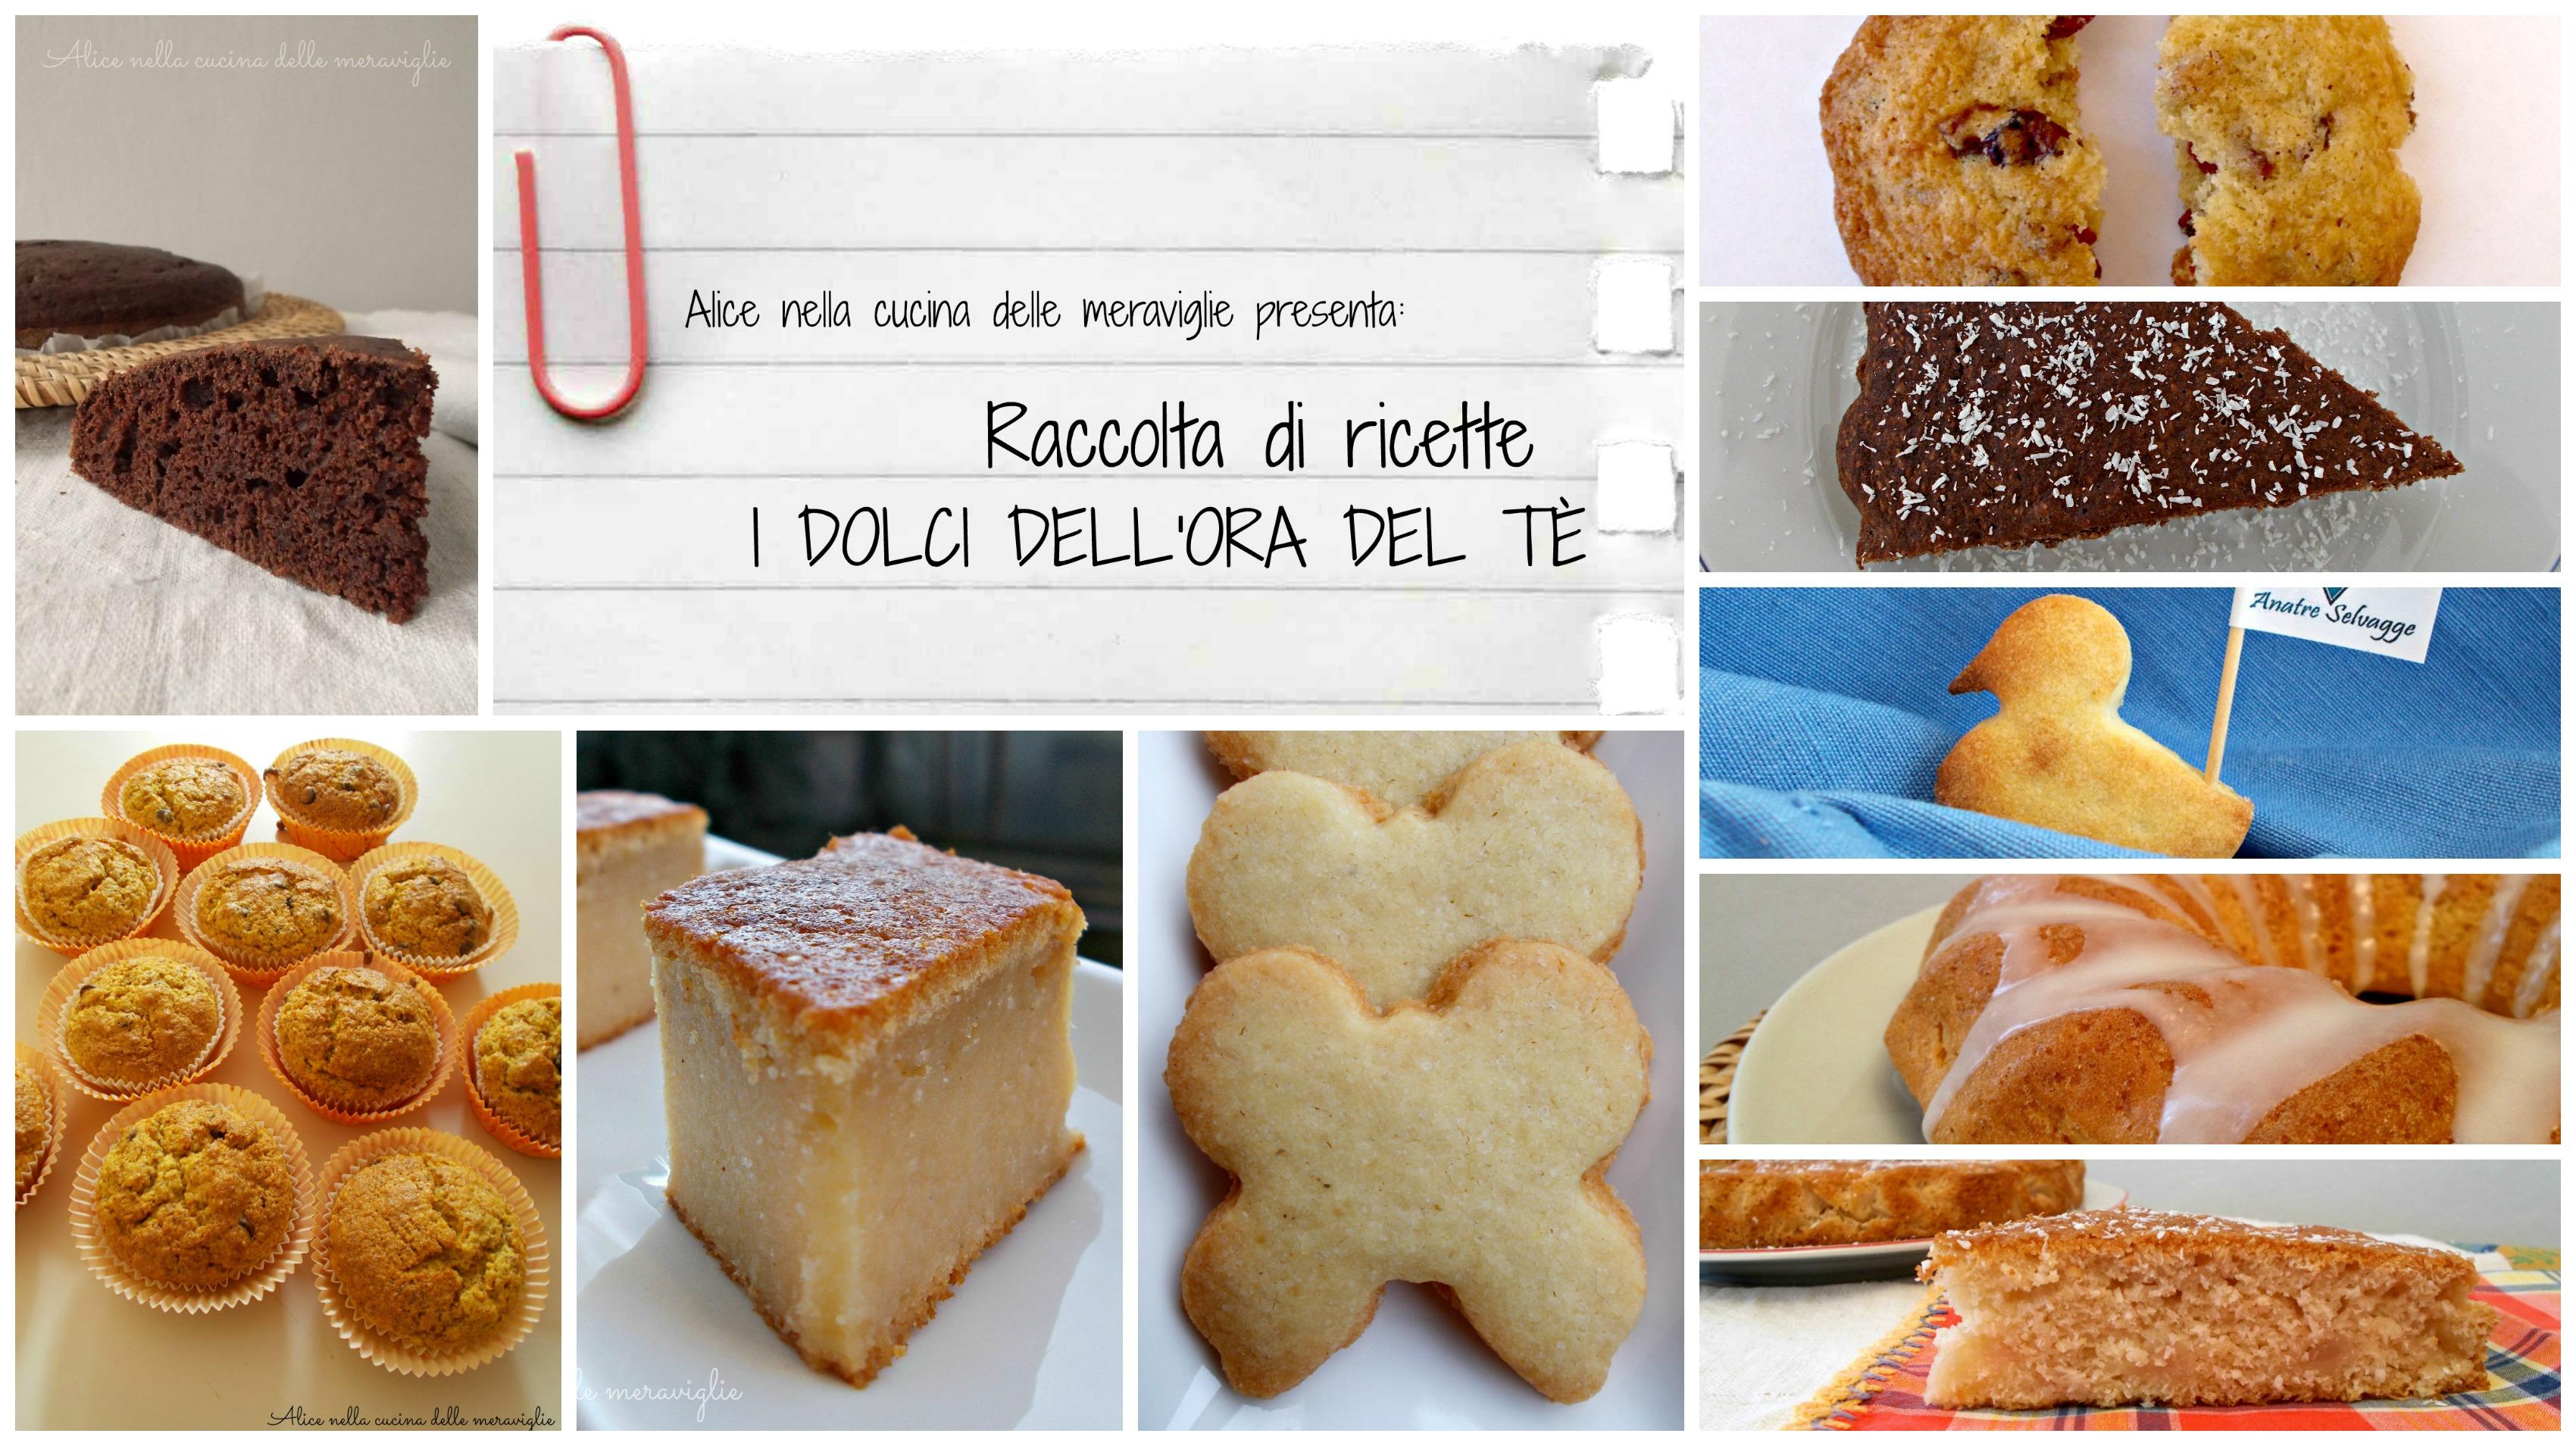 Raccolta di ricette I dolci dell'ora del tè Alice nella cucina delle meraviglie